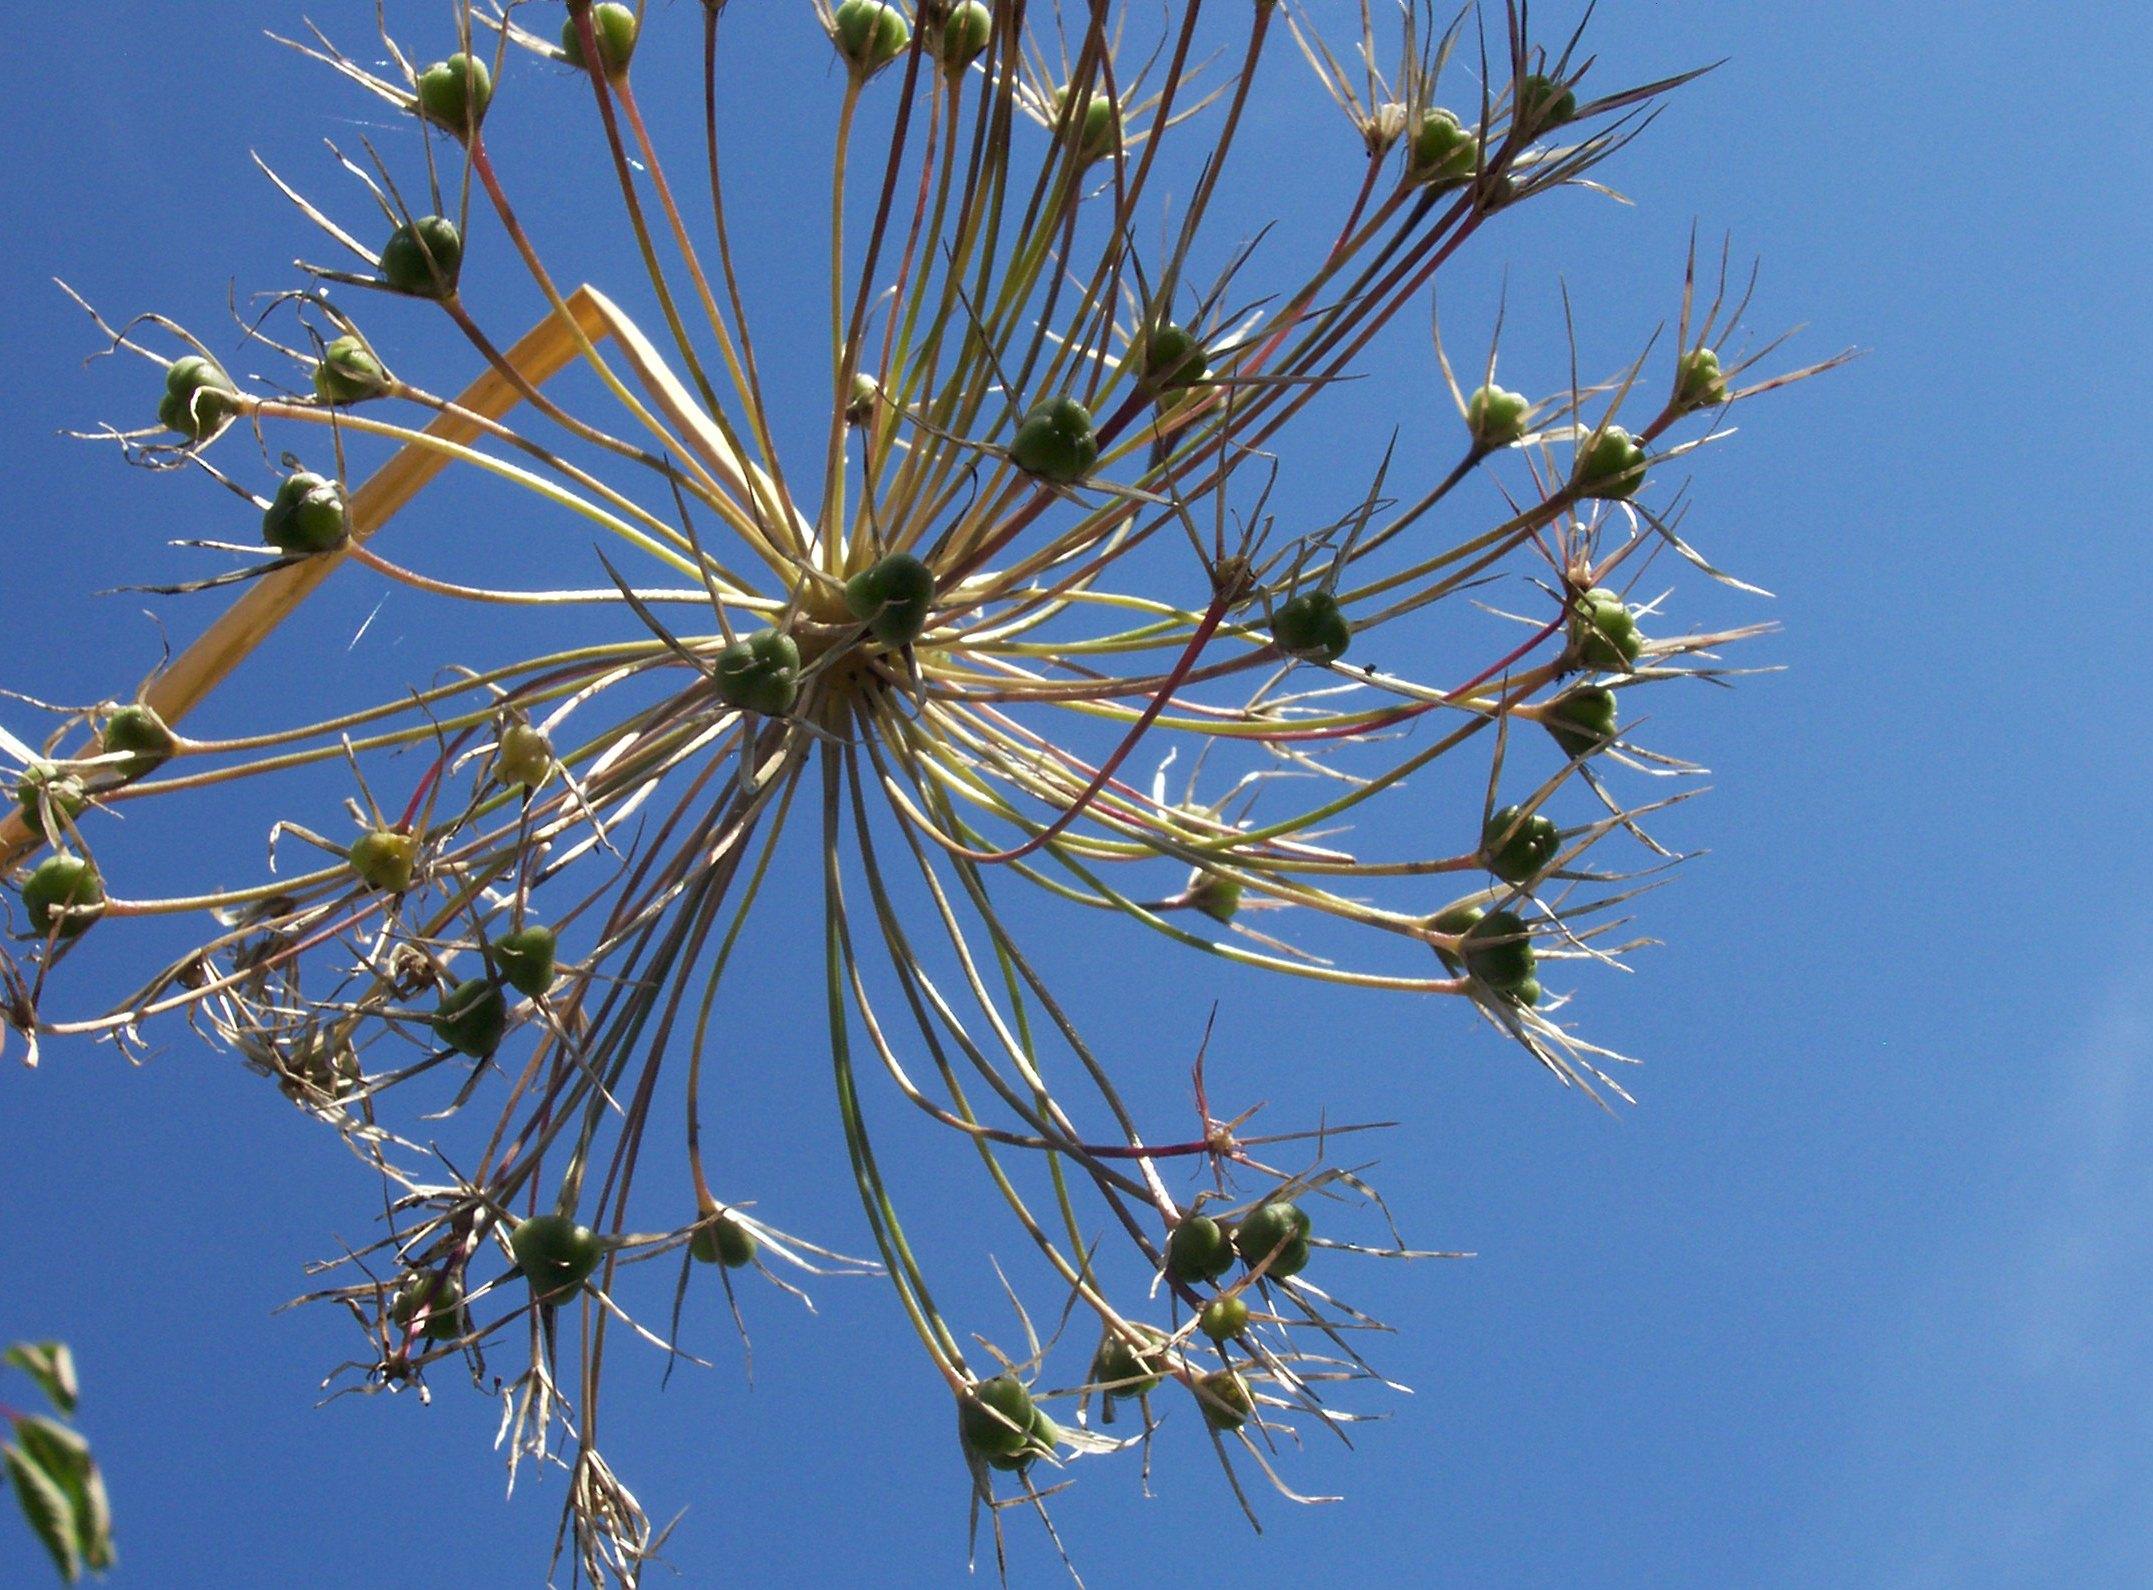 Allium seeds